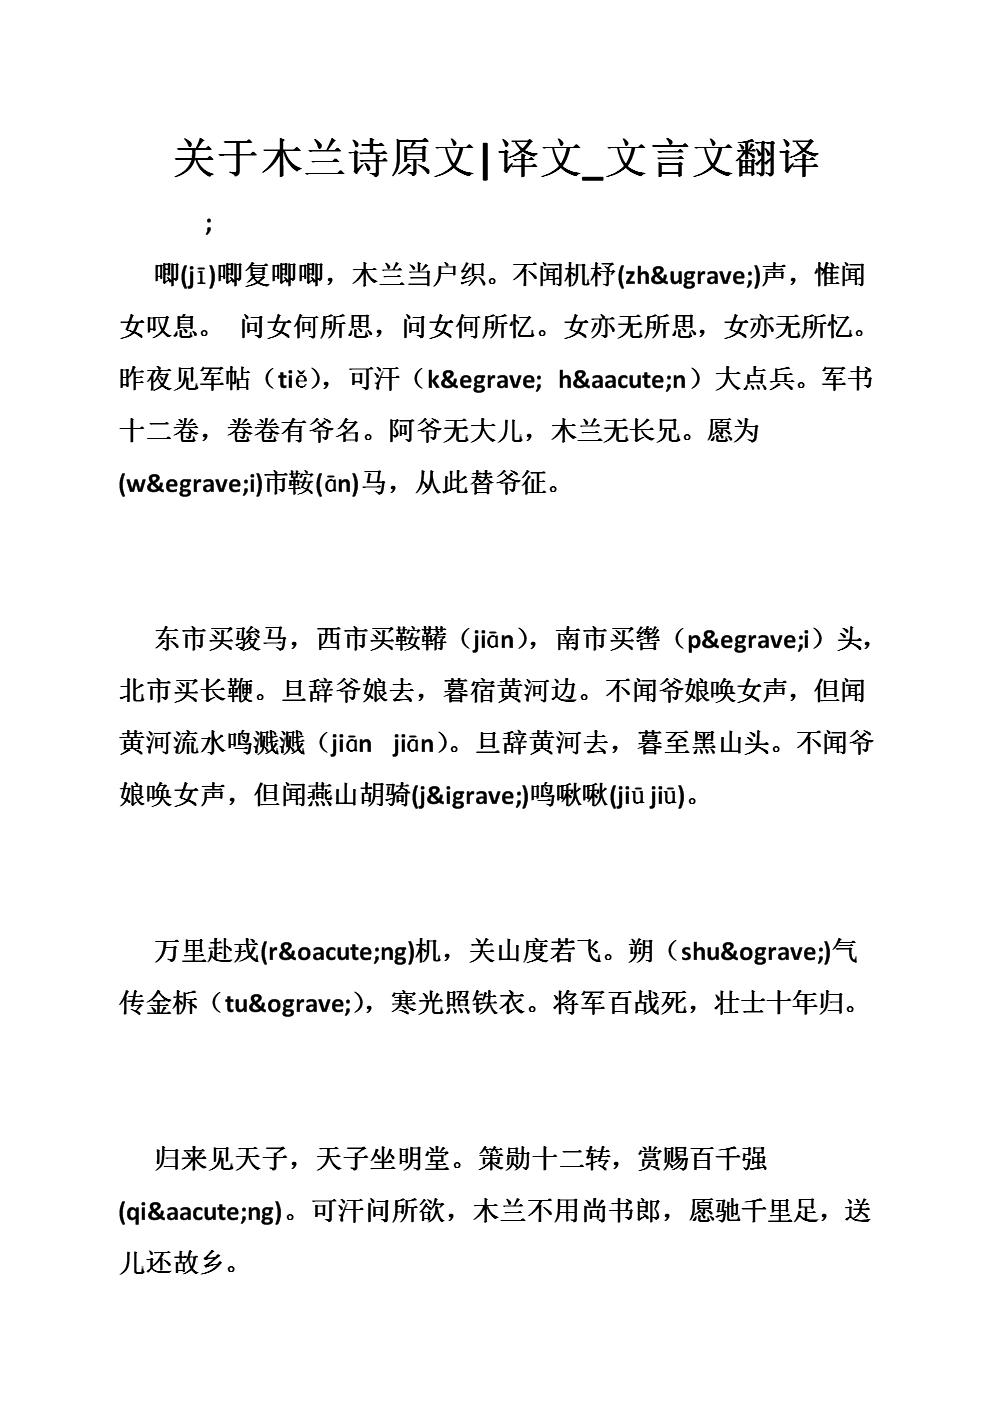 关于木兰诗原文-译文_文言文翻译.doc